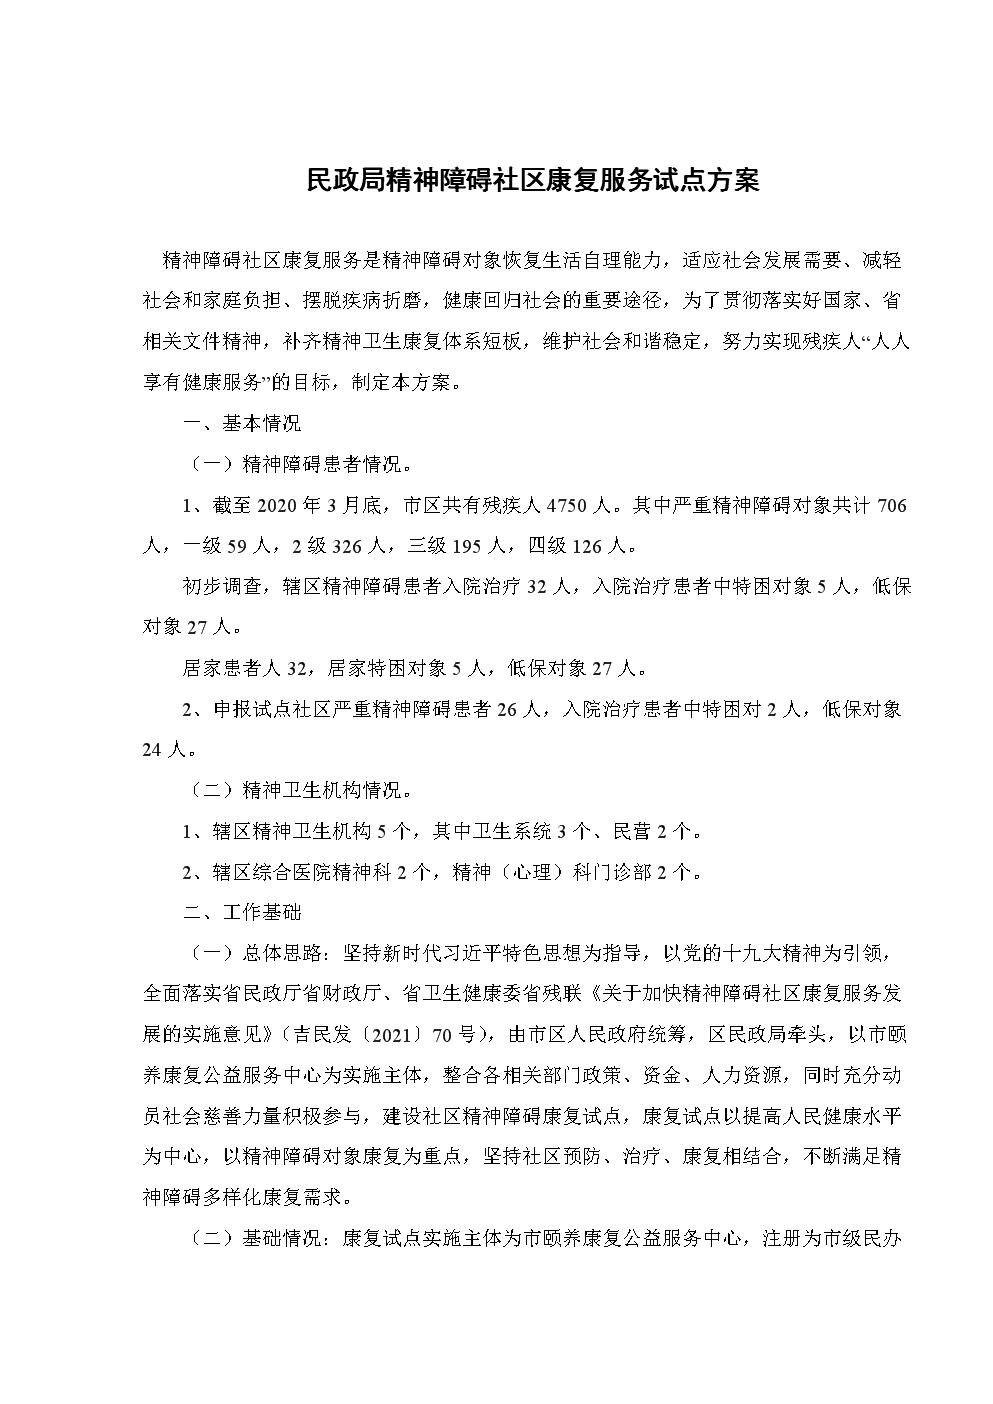 民政局精神障碍社区康复服务试点方案.doc